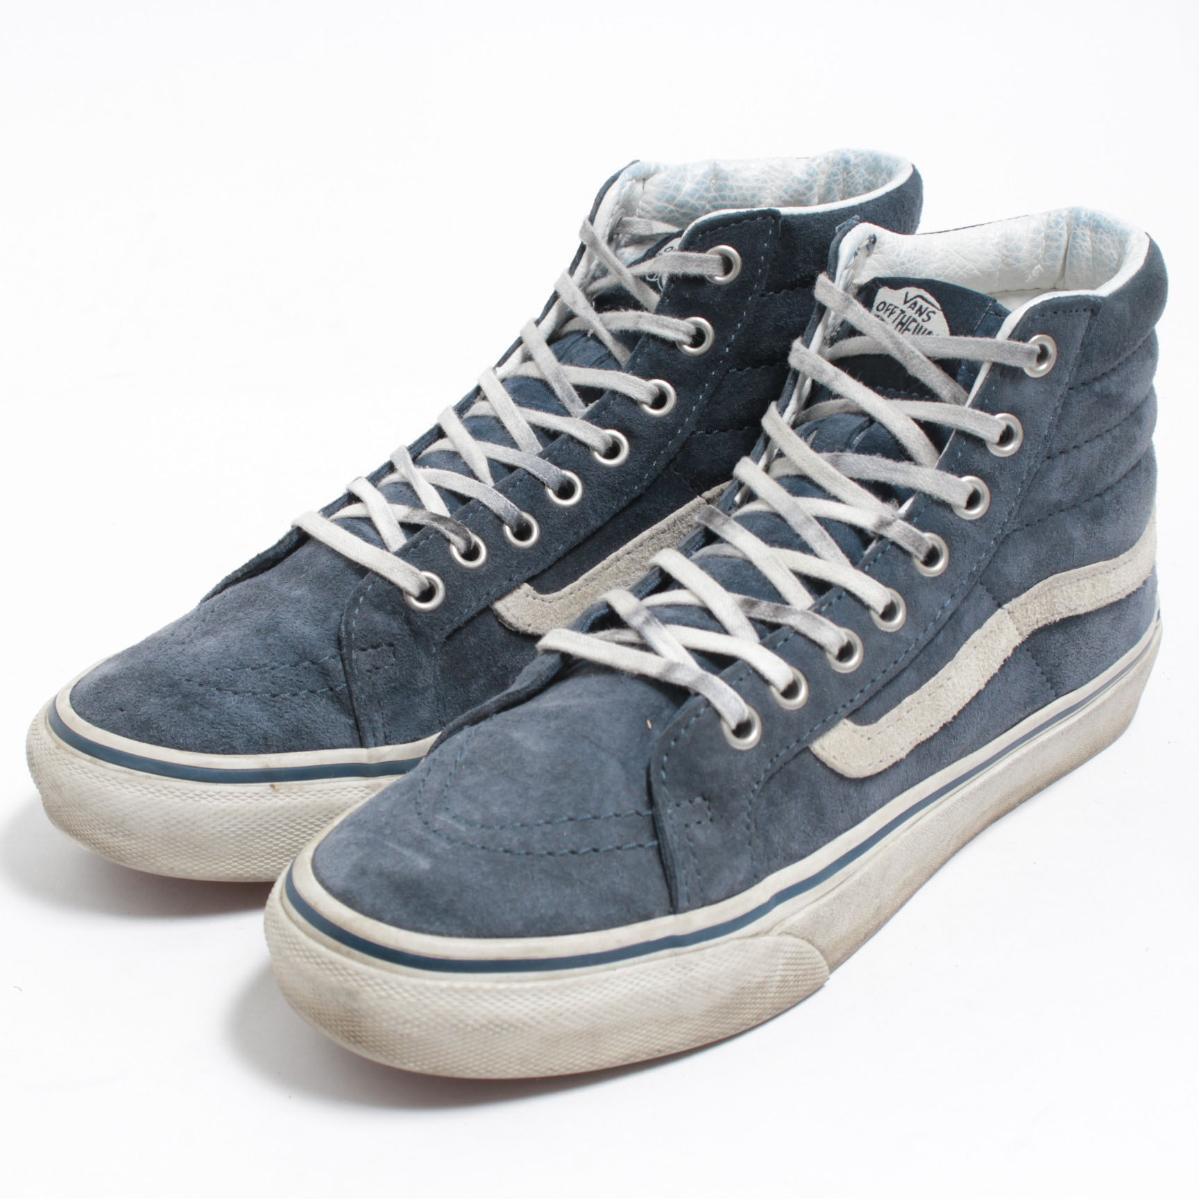 83d29613b0d VINTAGE CLOTHING JAM  Vans VANS SK8-HI high-top sneakers US4.5 ...